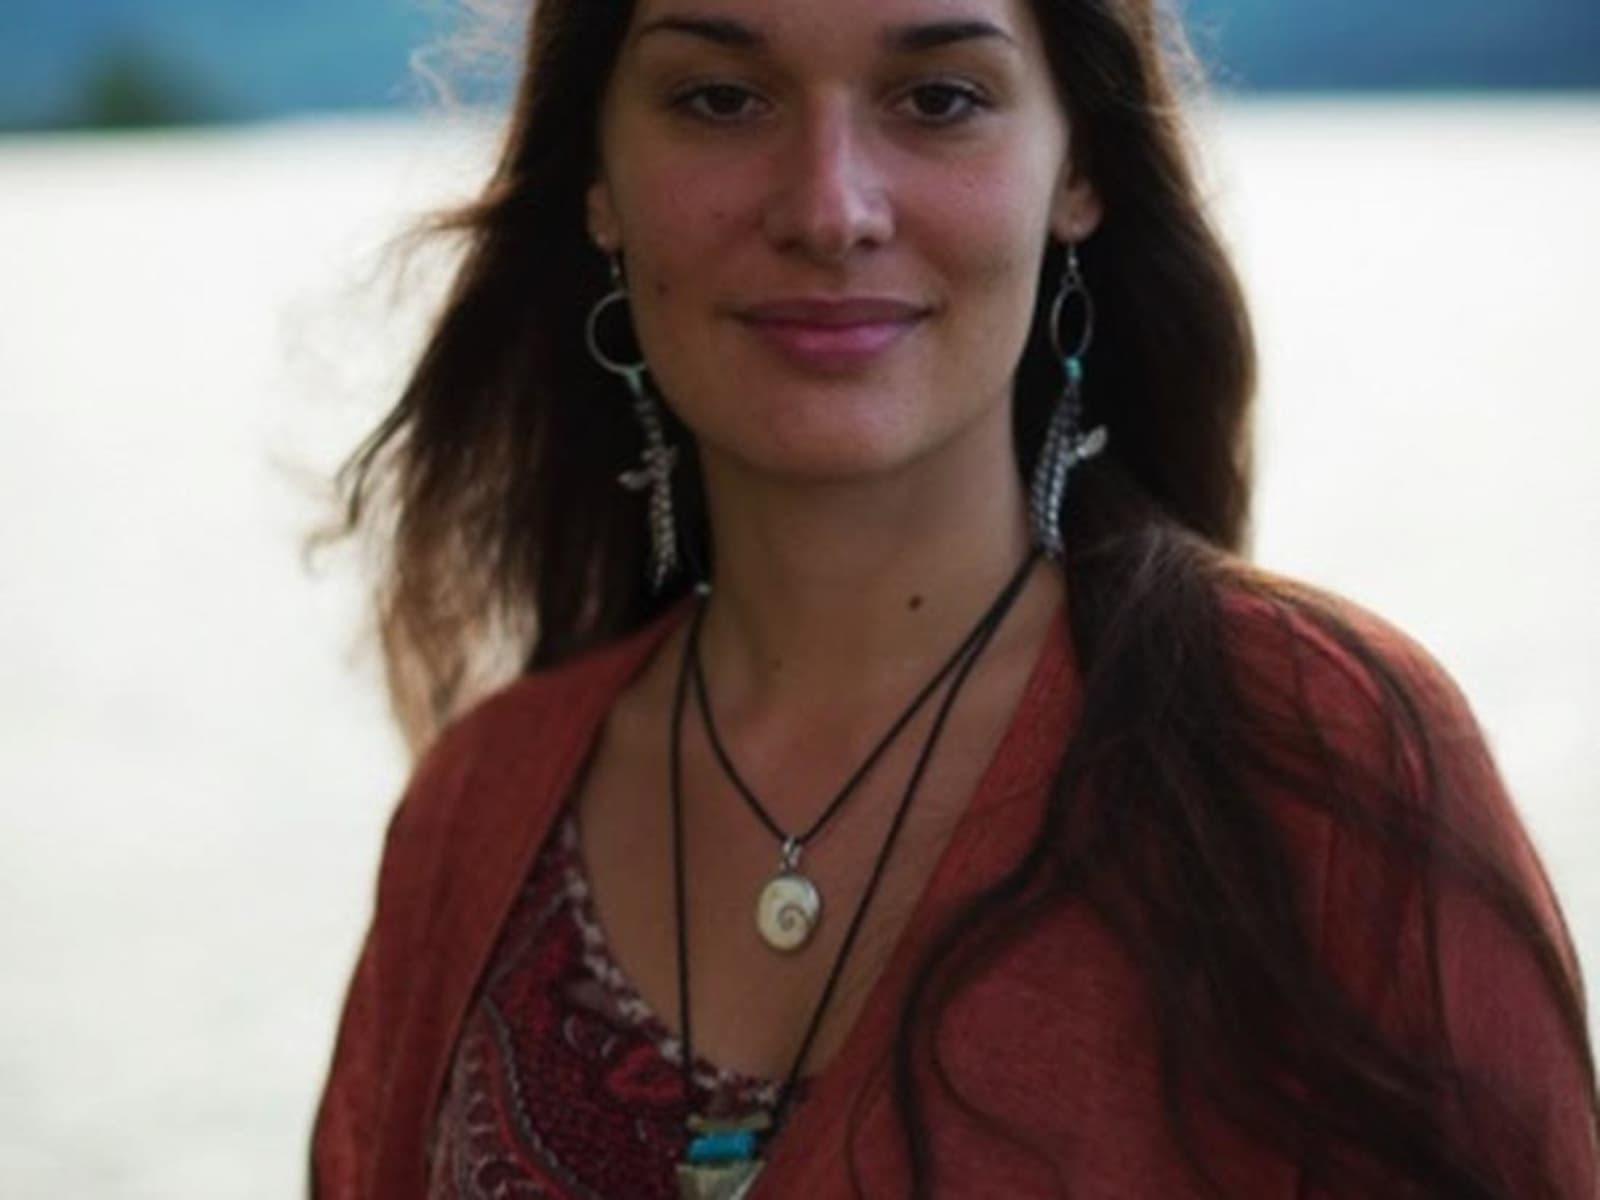 Denise from Alpnach, Switzerland